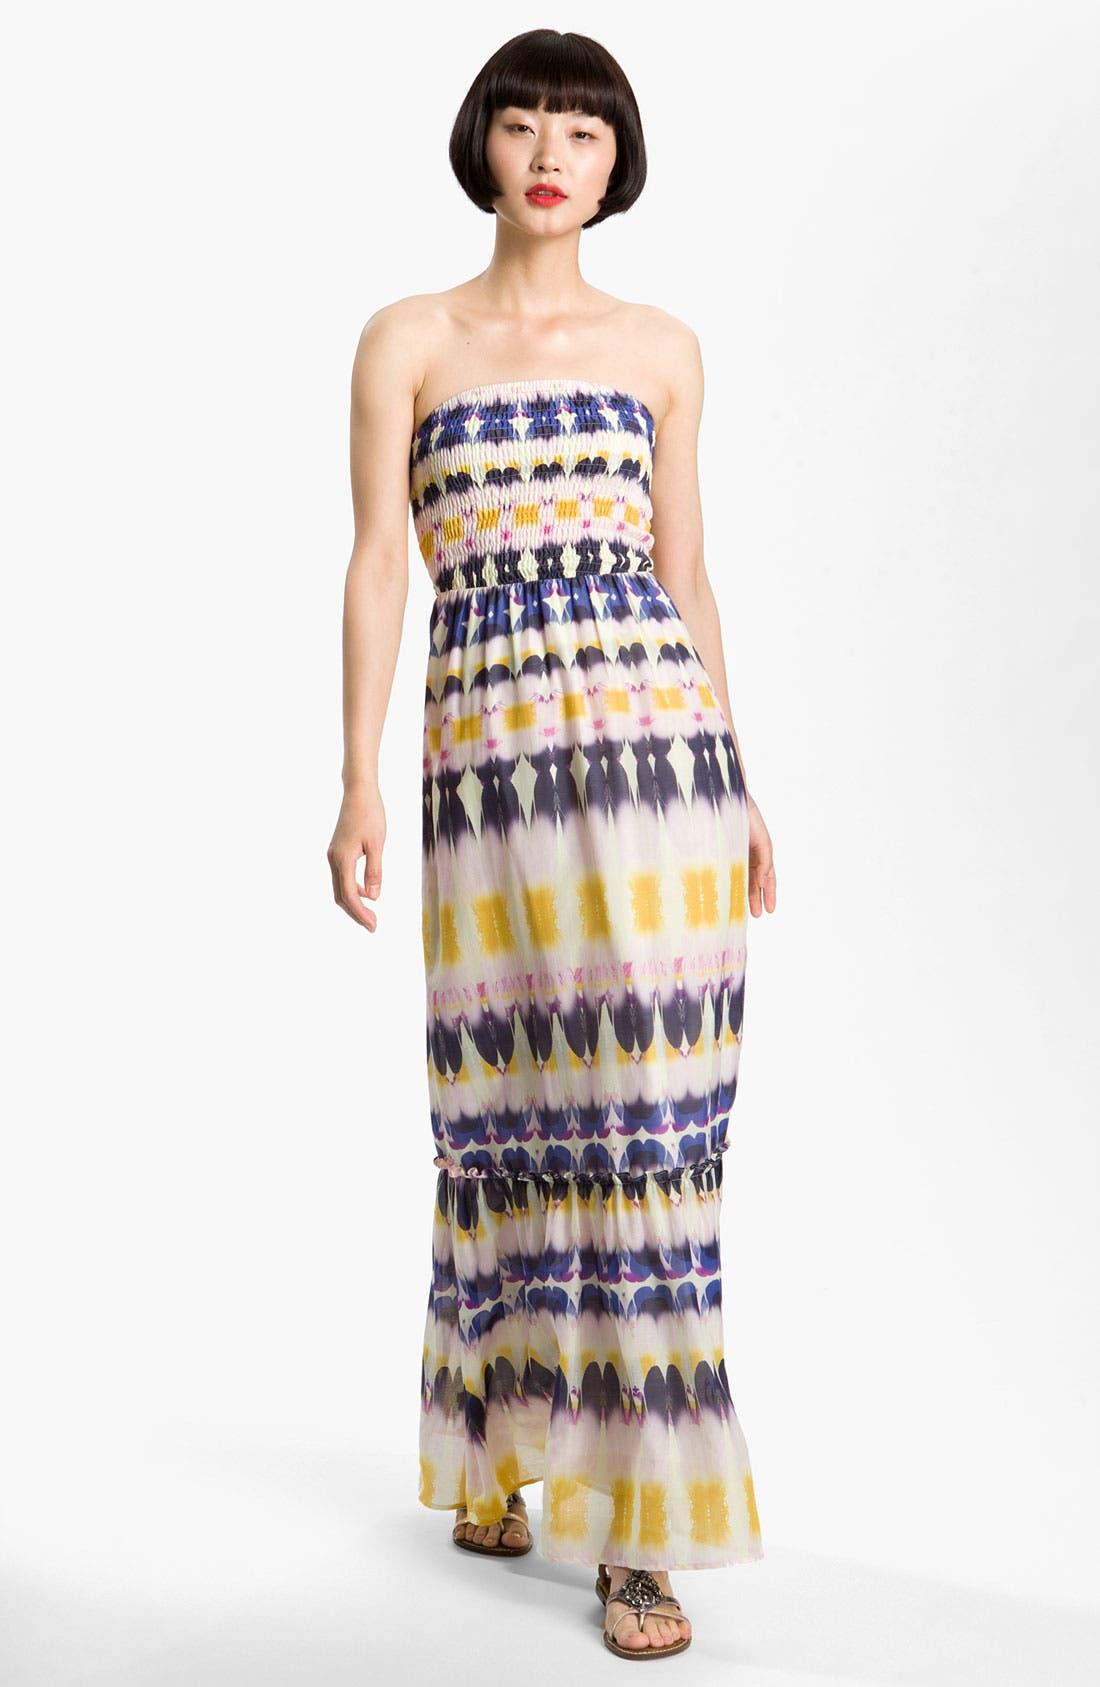 Alternate Image 1 Selected - Presley Skye Smocked Bodice Print Maxi Dress